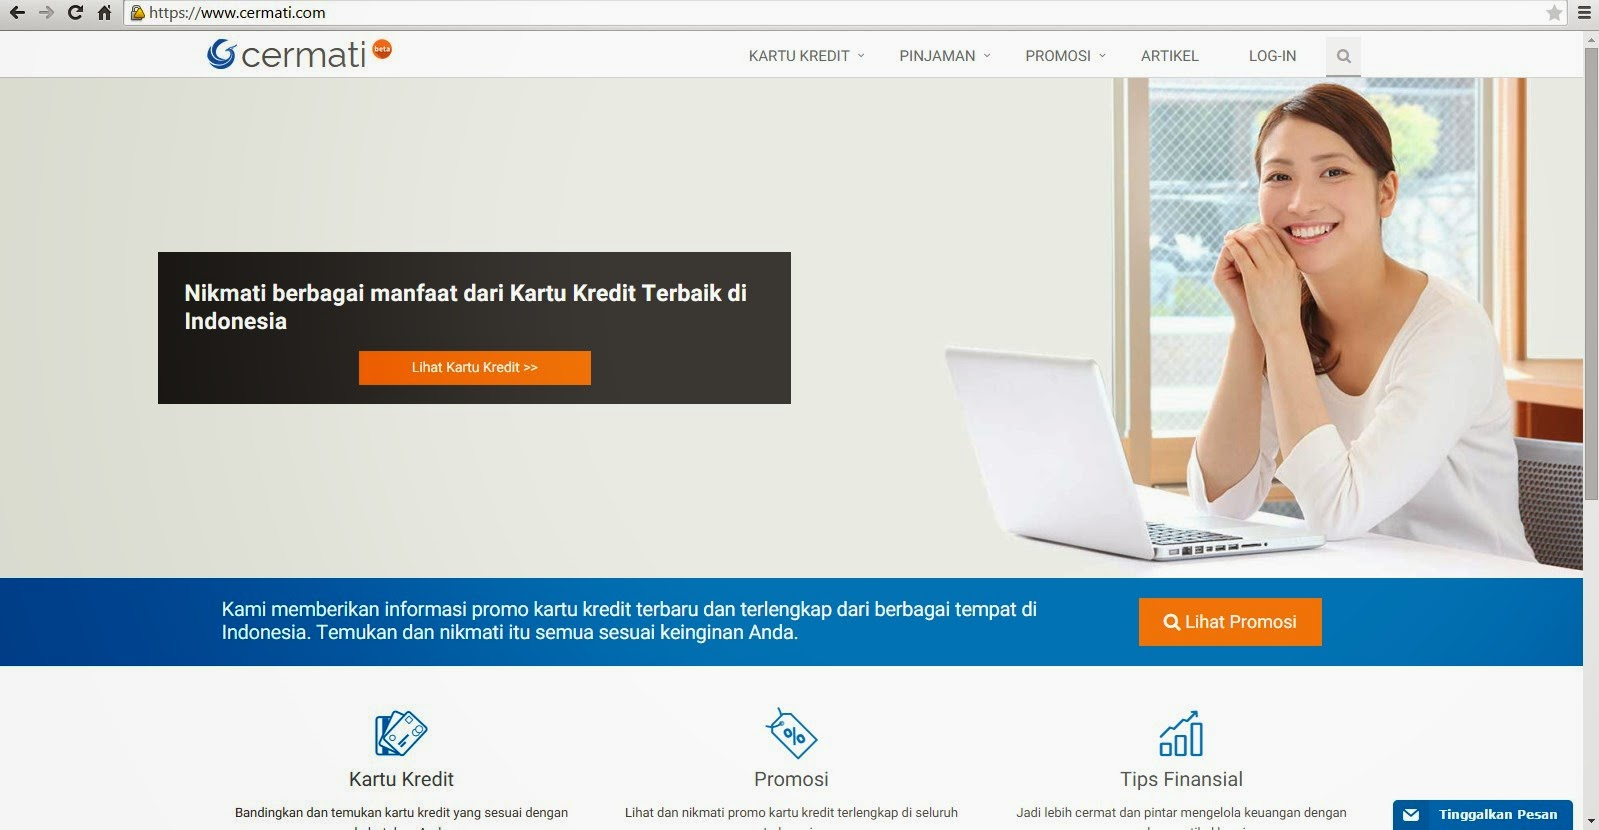 Cermati com salah satu website yang memberikan informasi promo kartu kredit kredit tanpa agunan kta kredit multiguna kmg tabungan deposito kredit